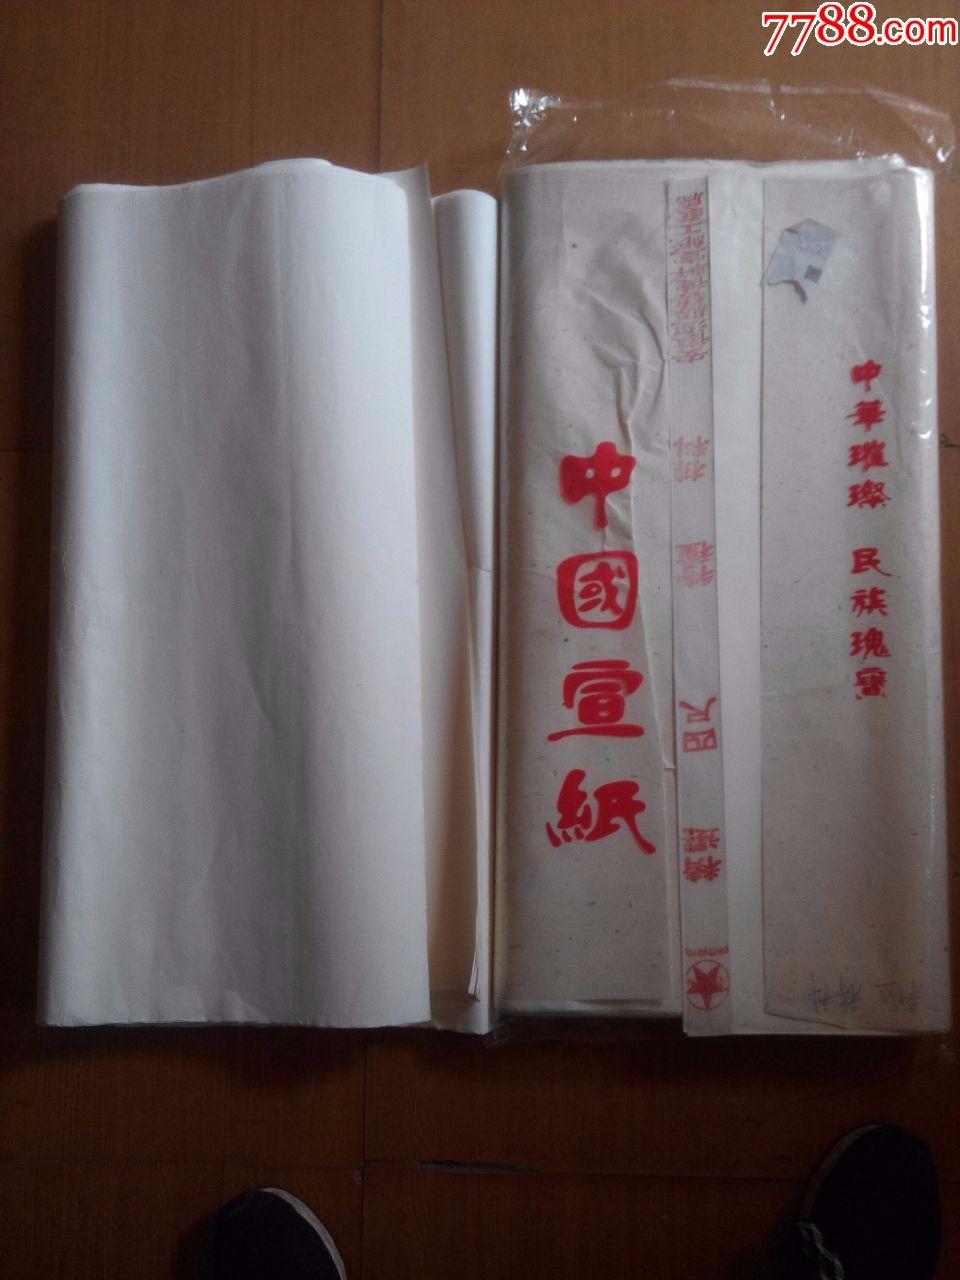 《忠兴红五星牌》安徽泾县艺德轩半熟棉料(四尺)一刀多163张(au18268984)_